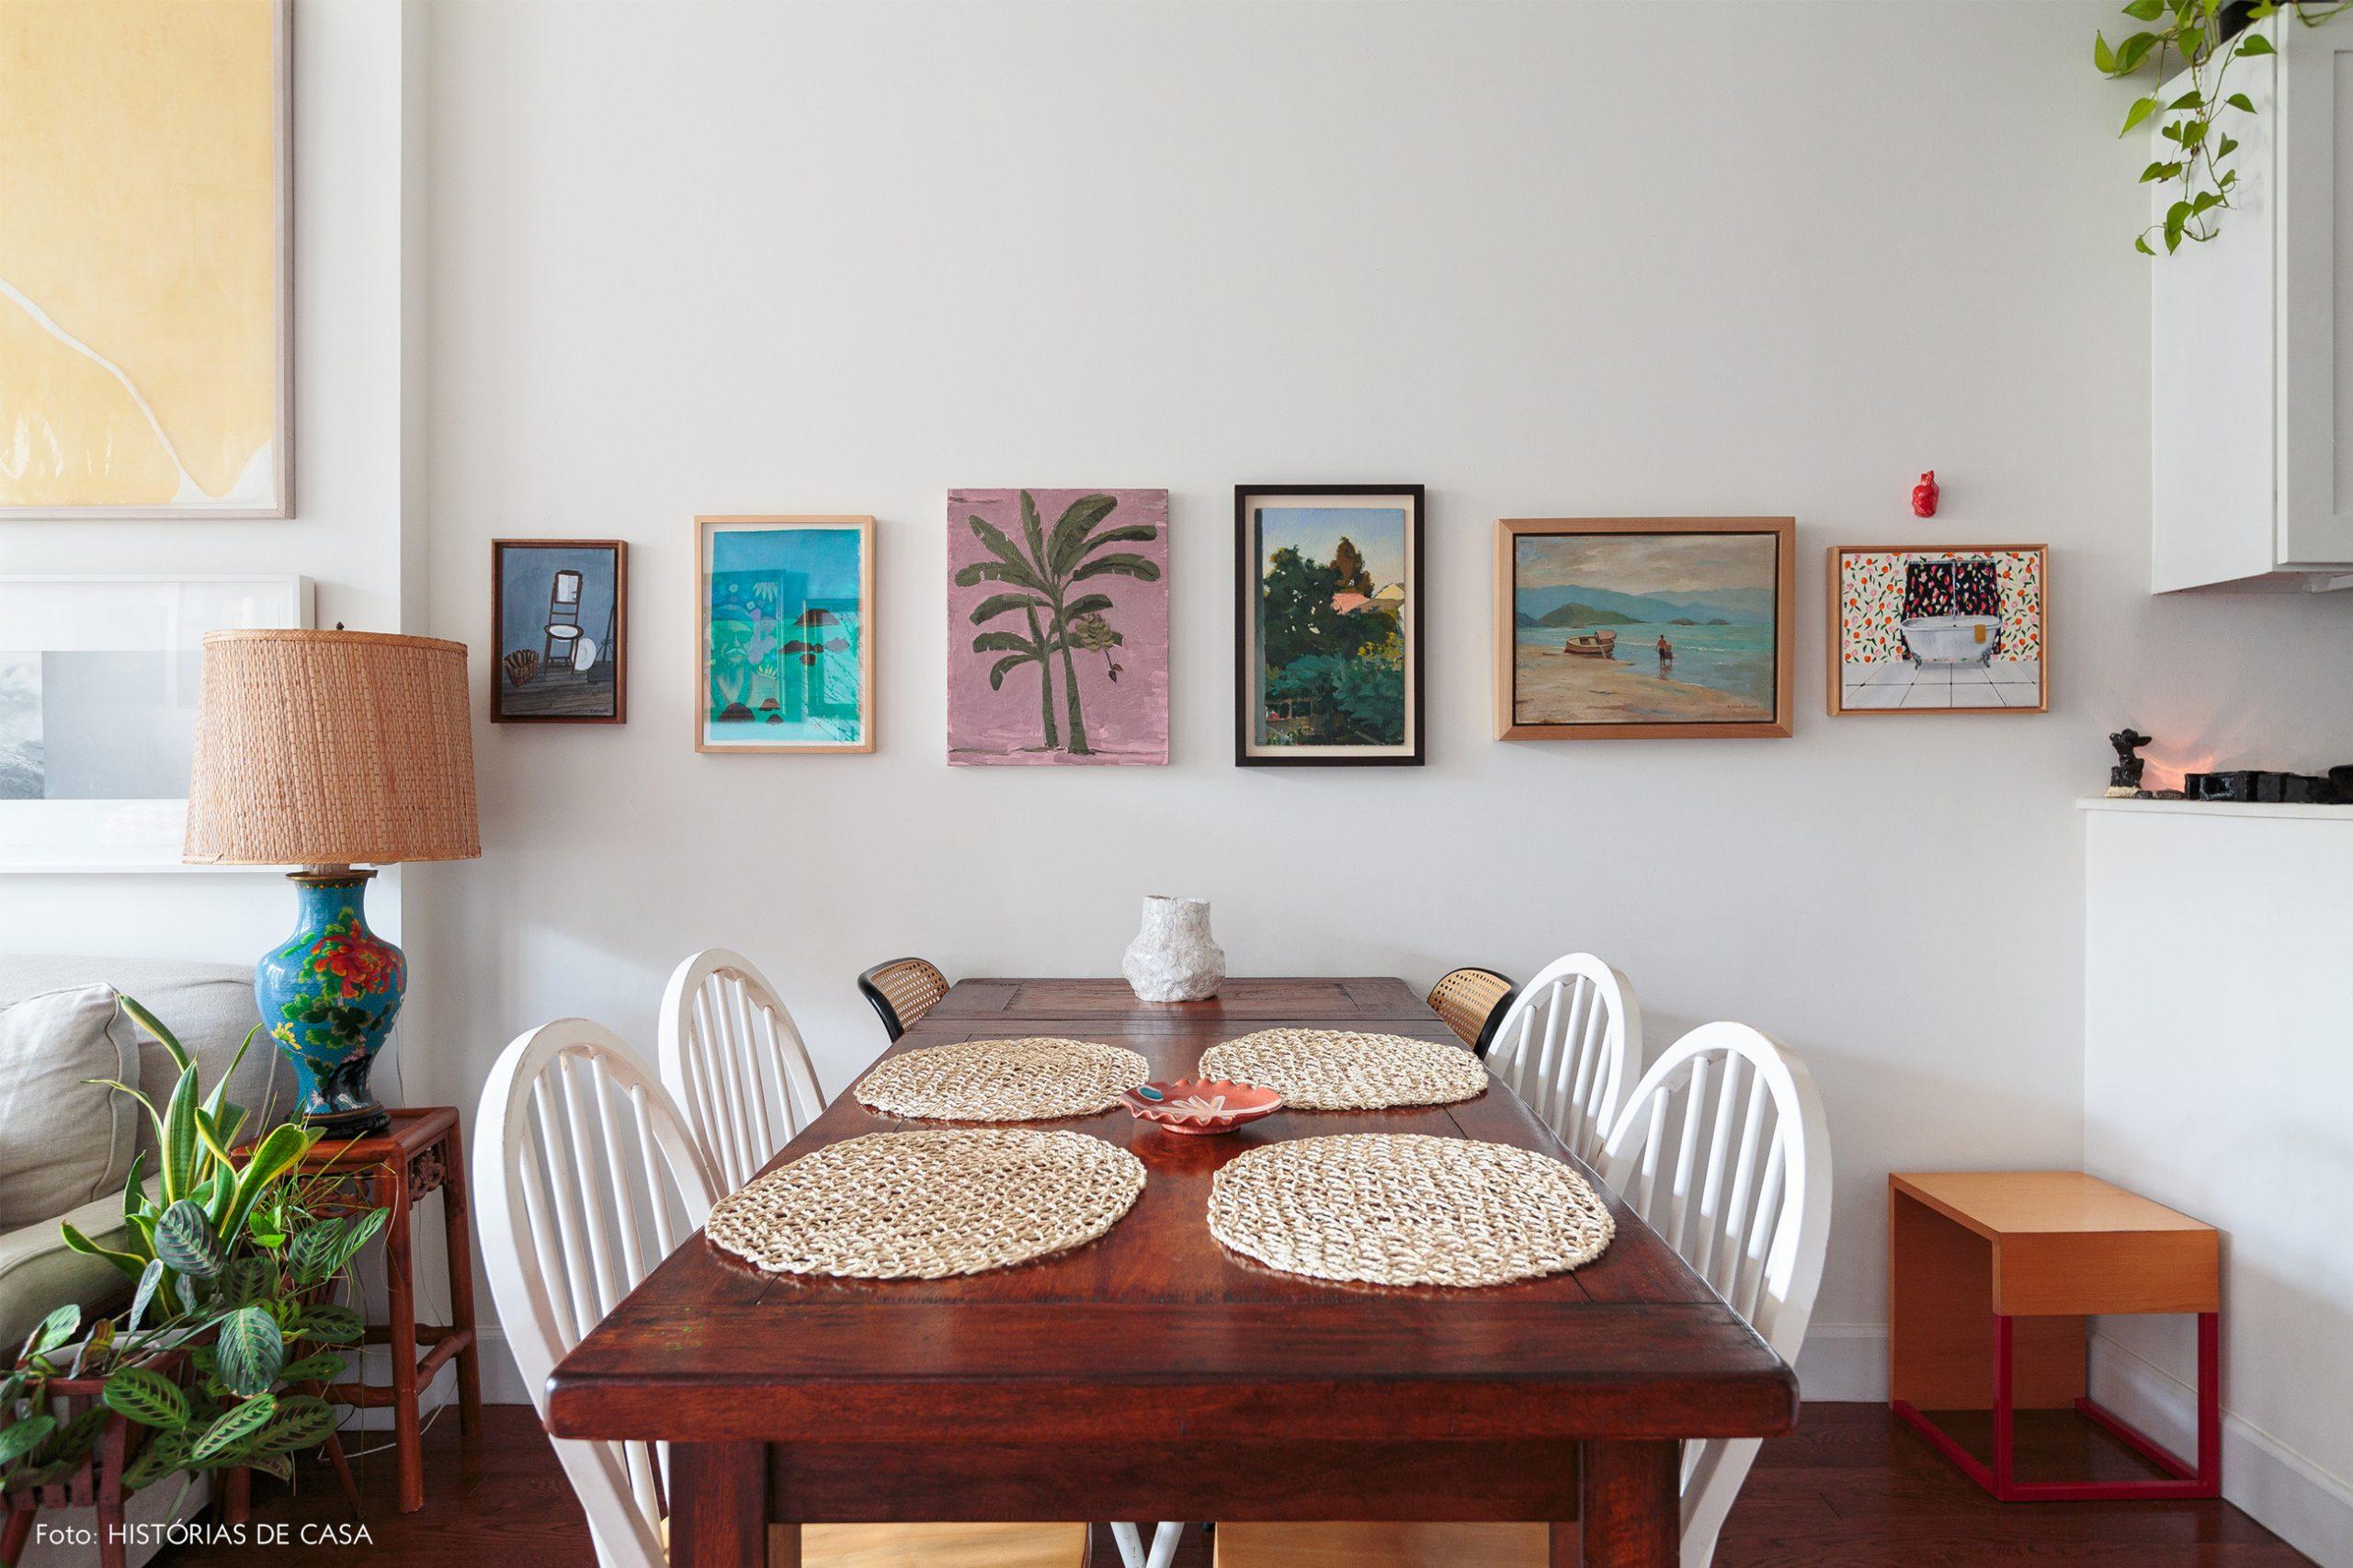 ap decoração sala jantar com mesa de madeira e muitos quadros